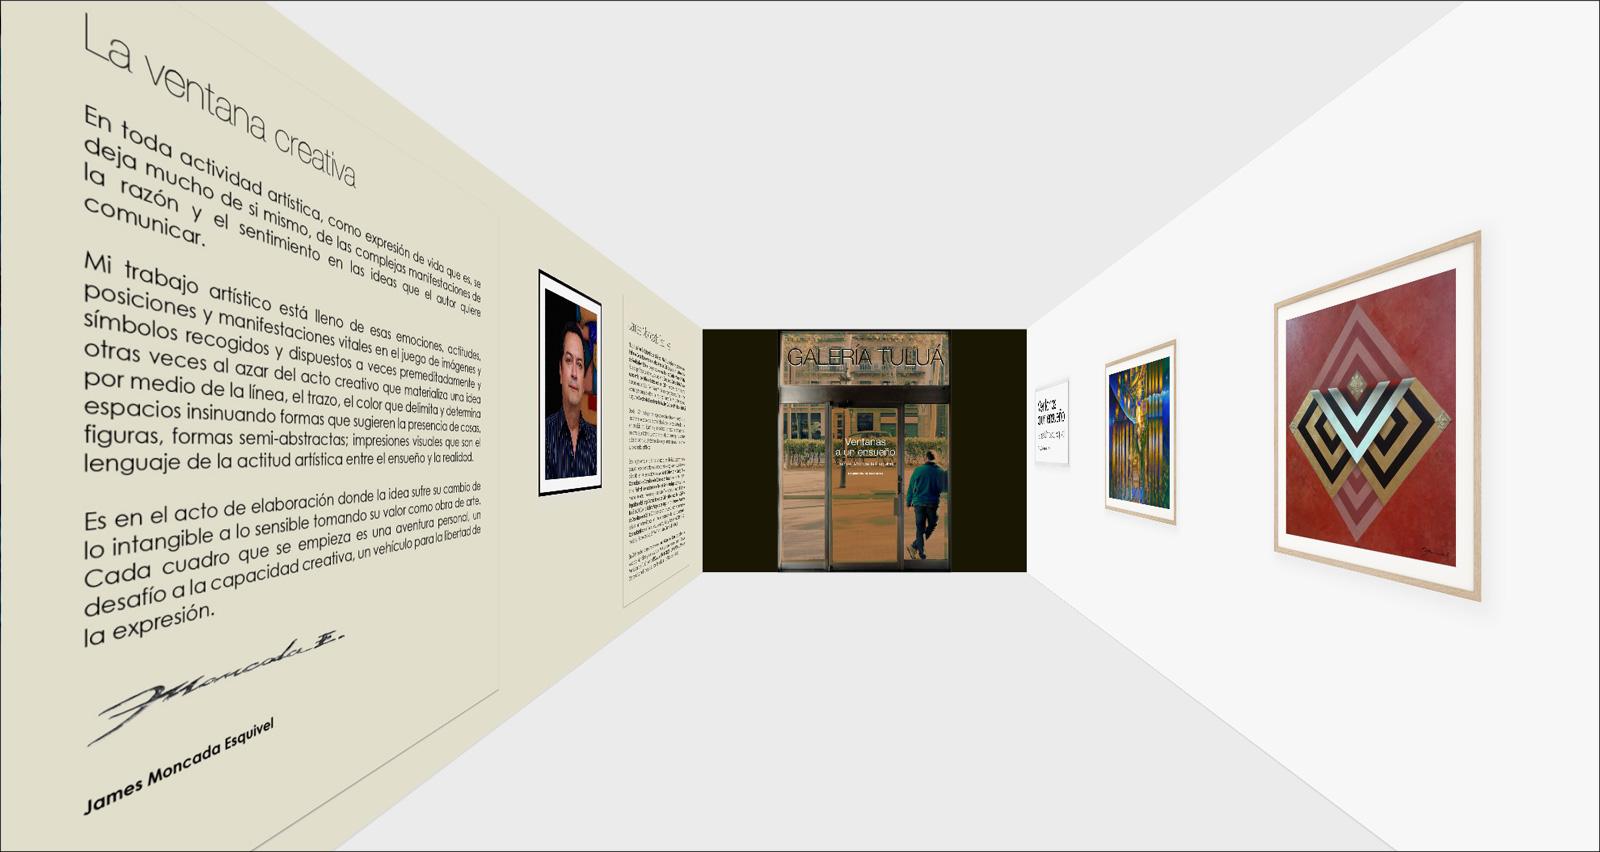 RAZGO - Diseño Galerías Virtuales